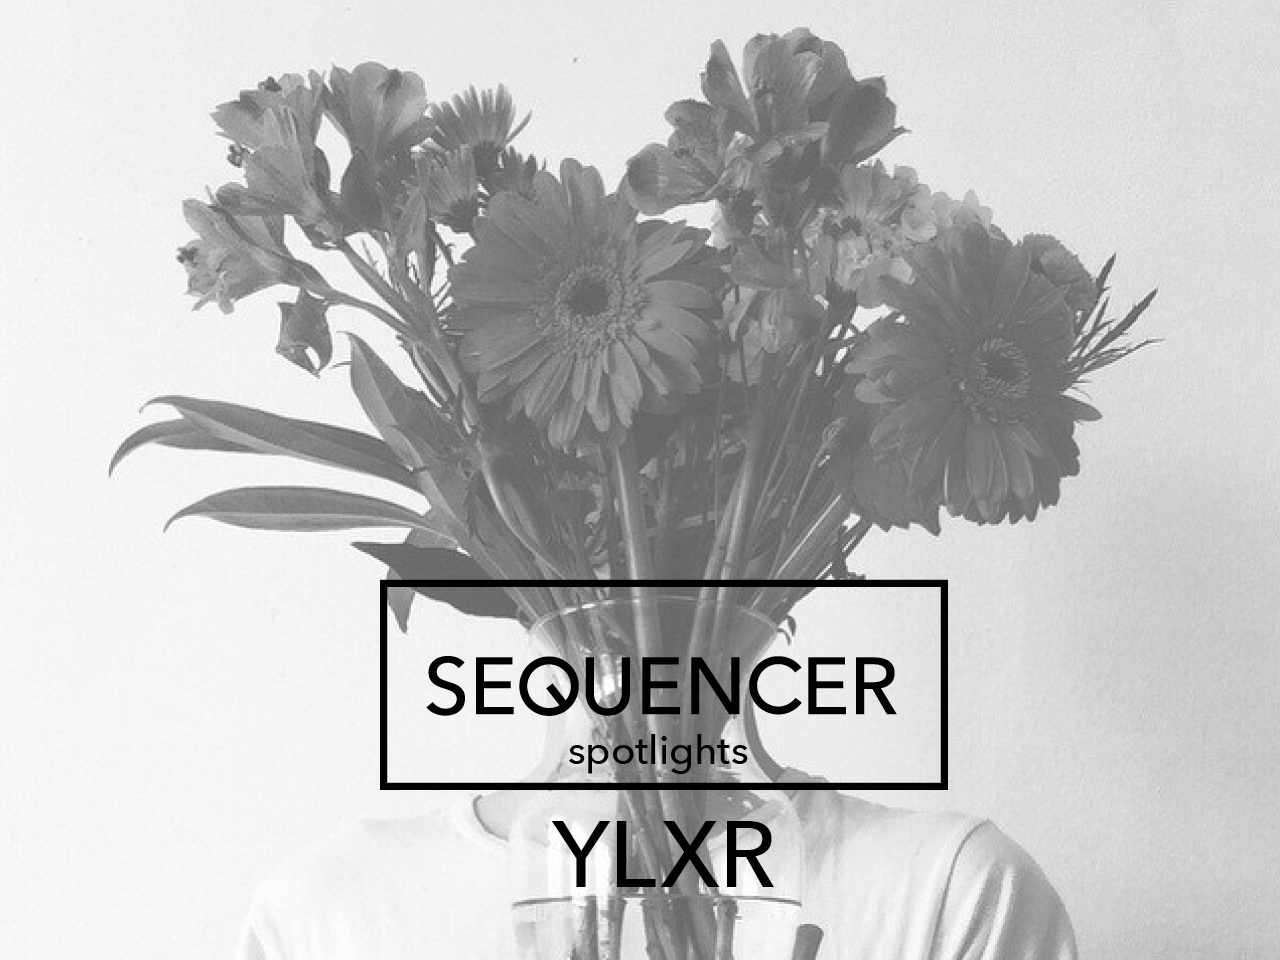 sequencer_spotlight_ylxr2